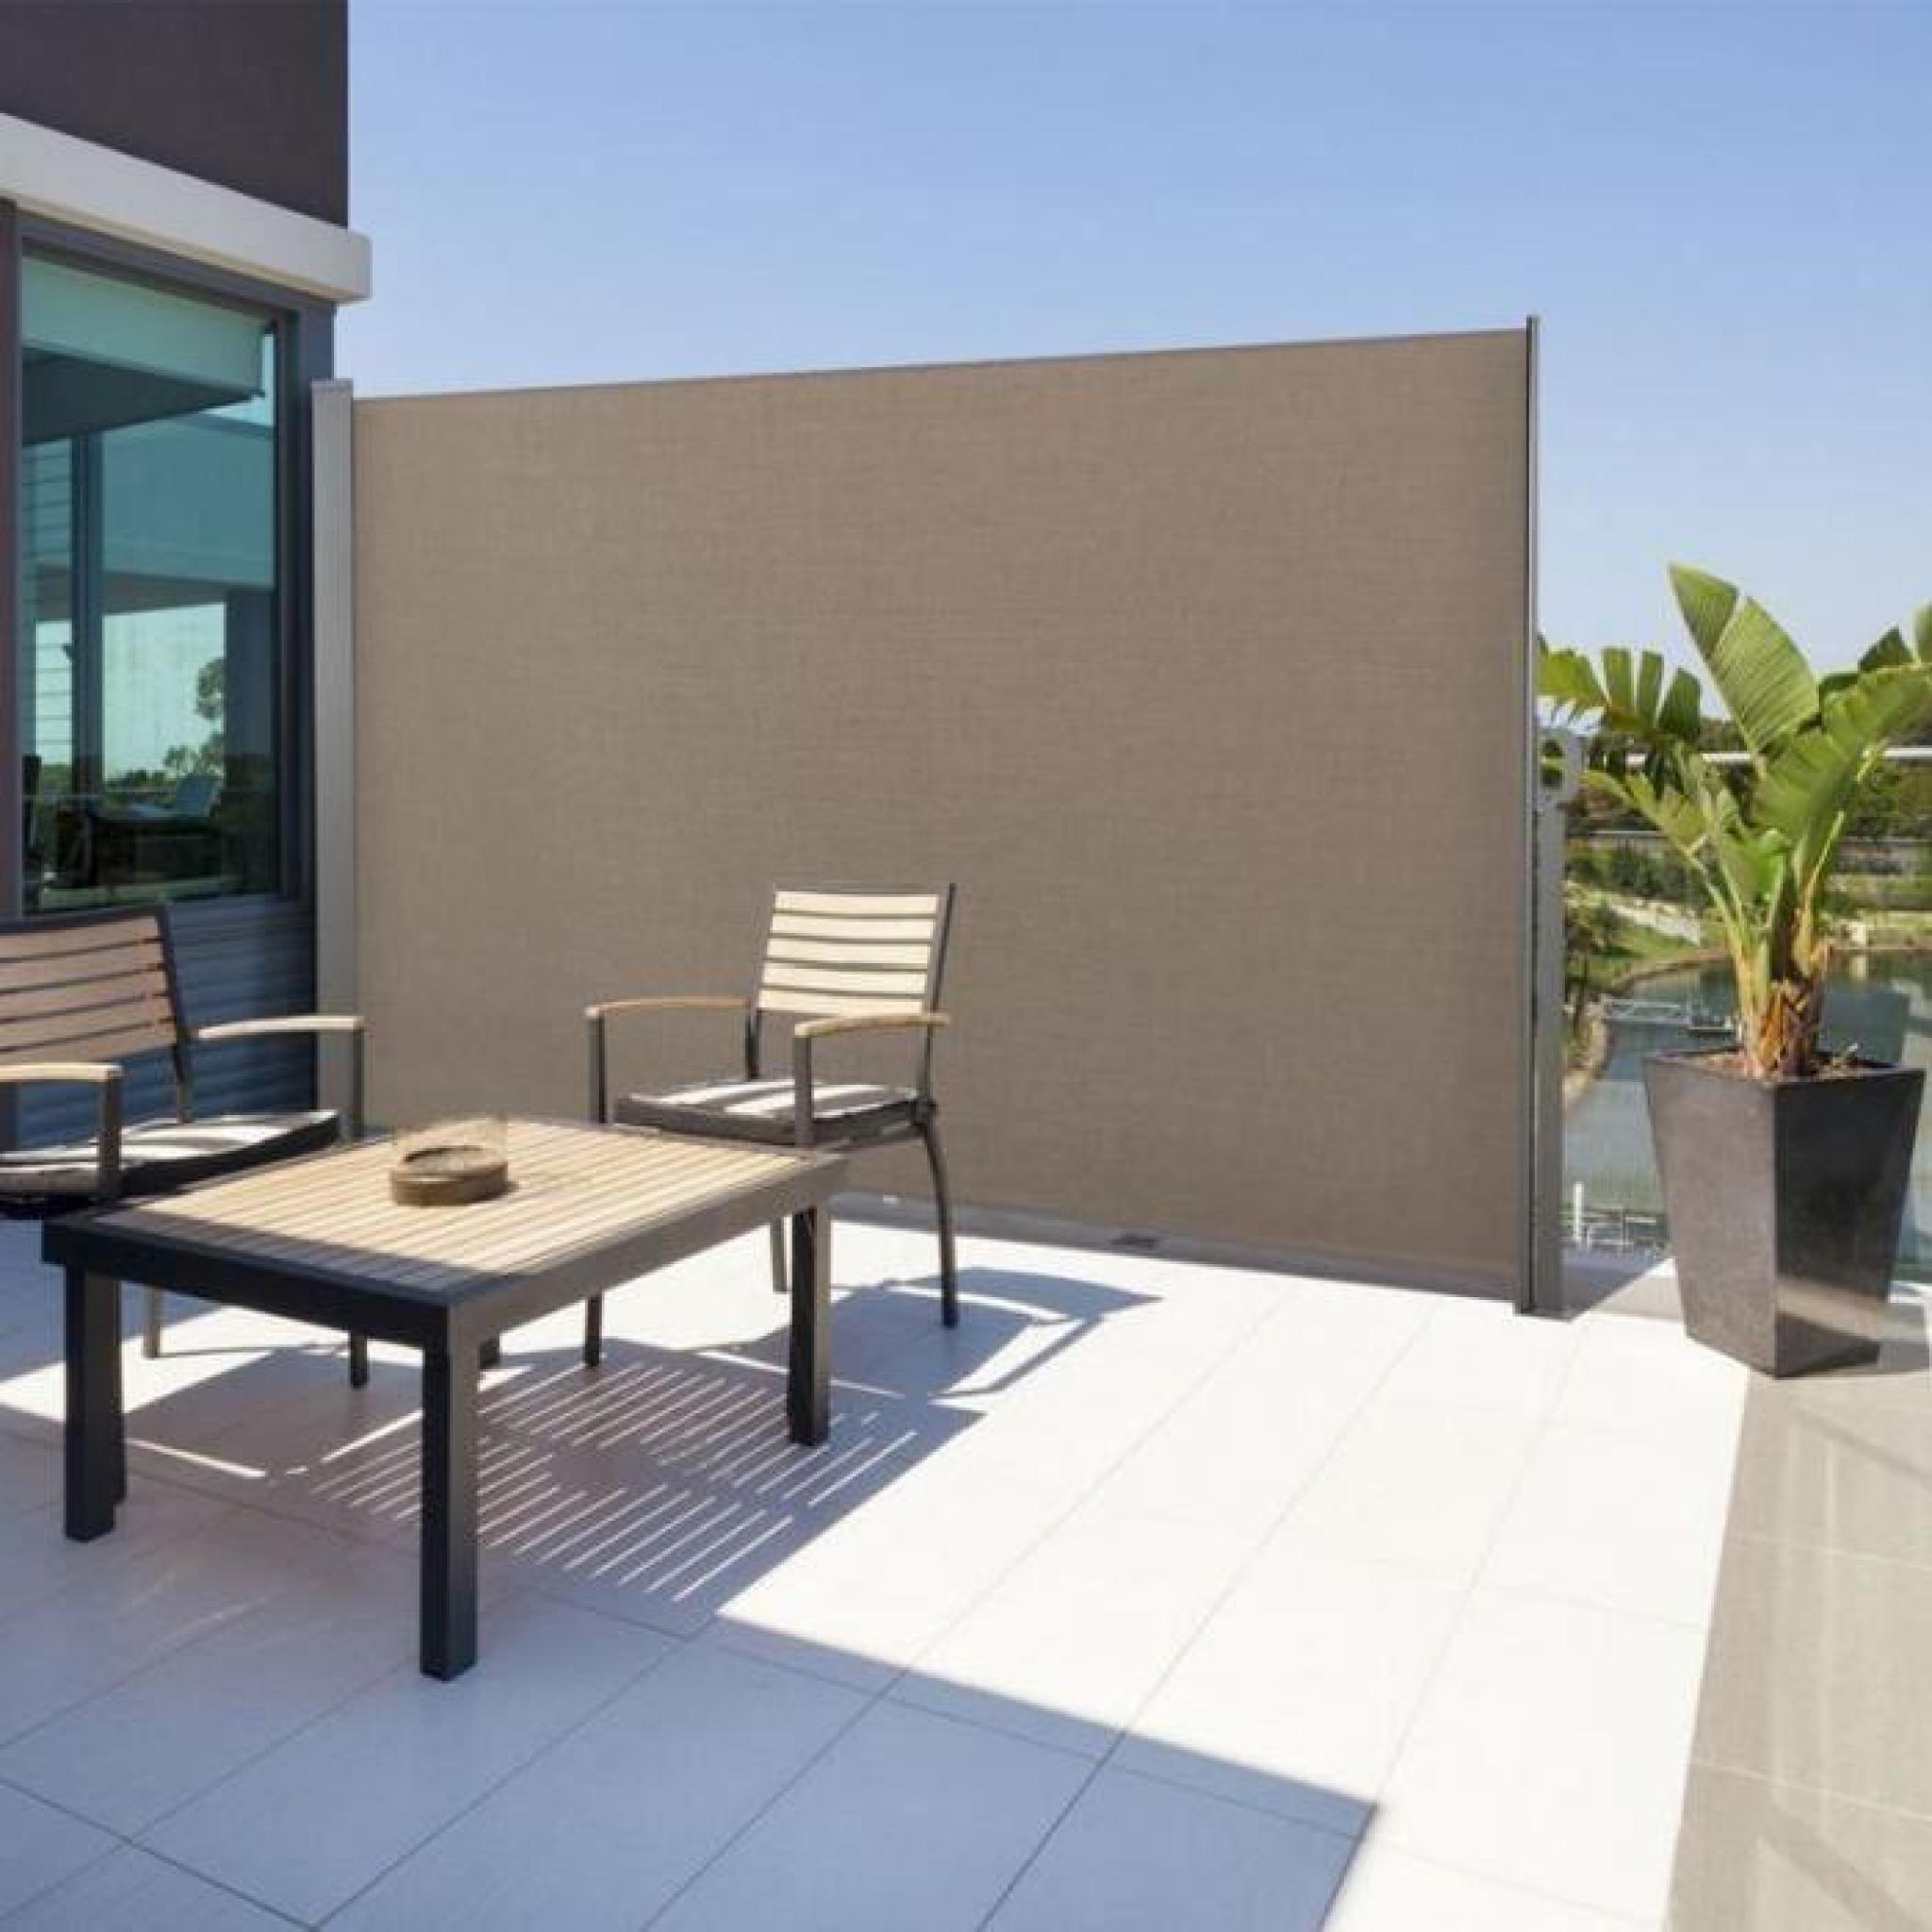 Paravent Rétractable 300 X 160 Cm Store Taupe Latéral Enroulable intérieur Paravent De Jardin